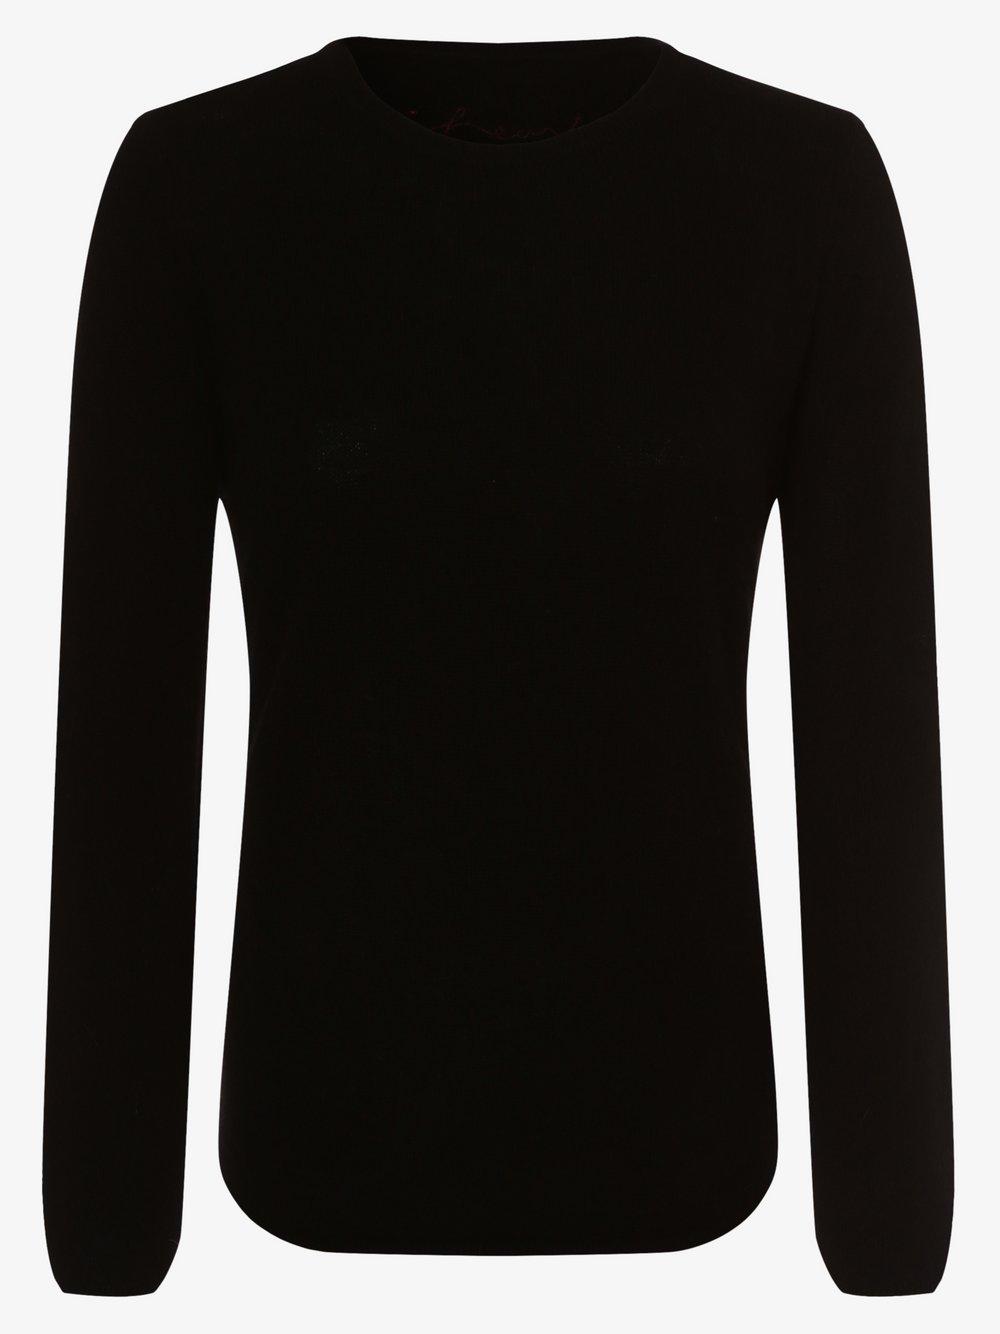 iheart – Sweter damski z czystego kaszmiru – Sophie, czarny Van Graaf 448227-0001-09960